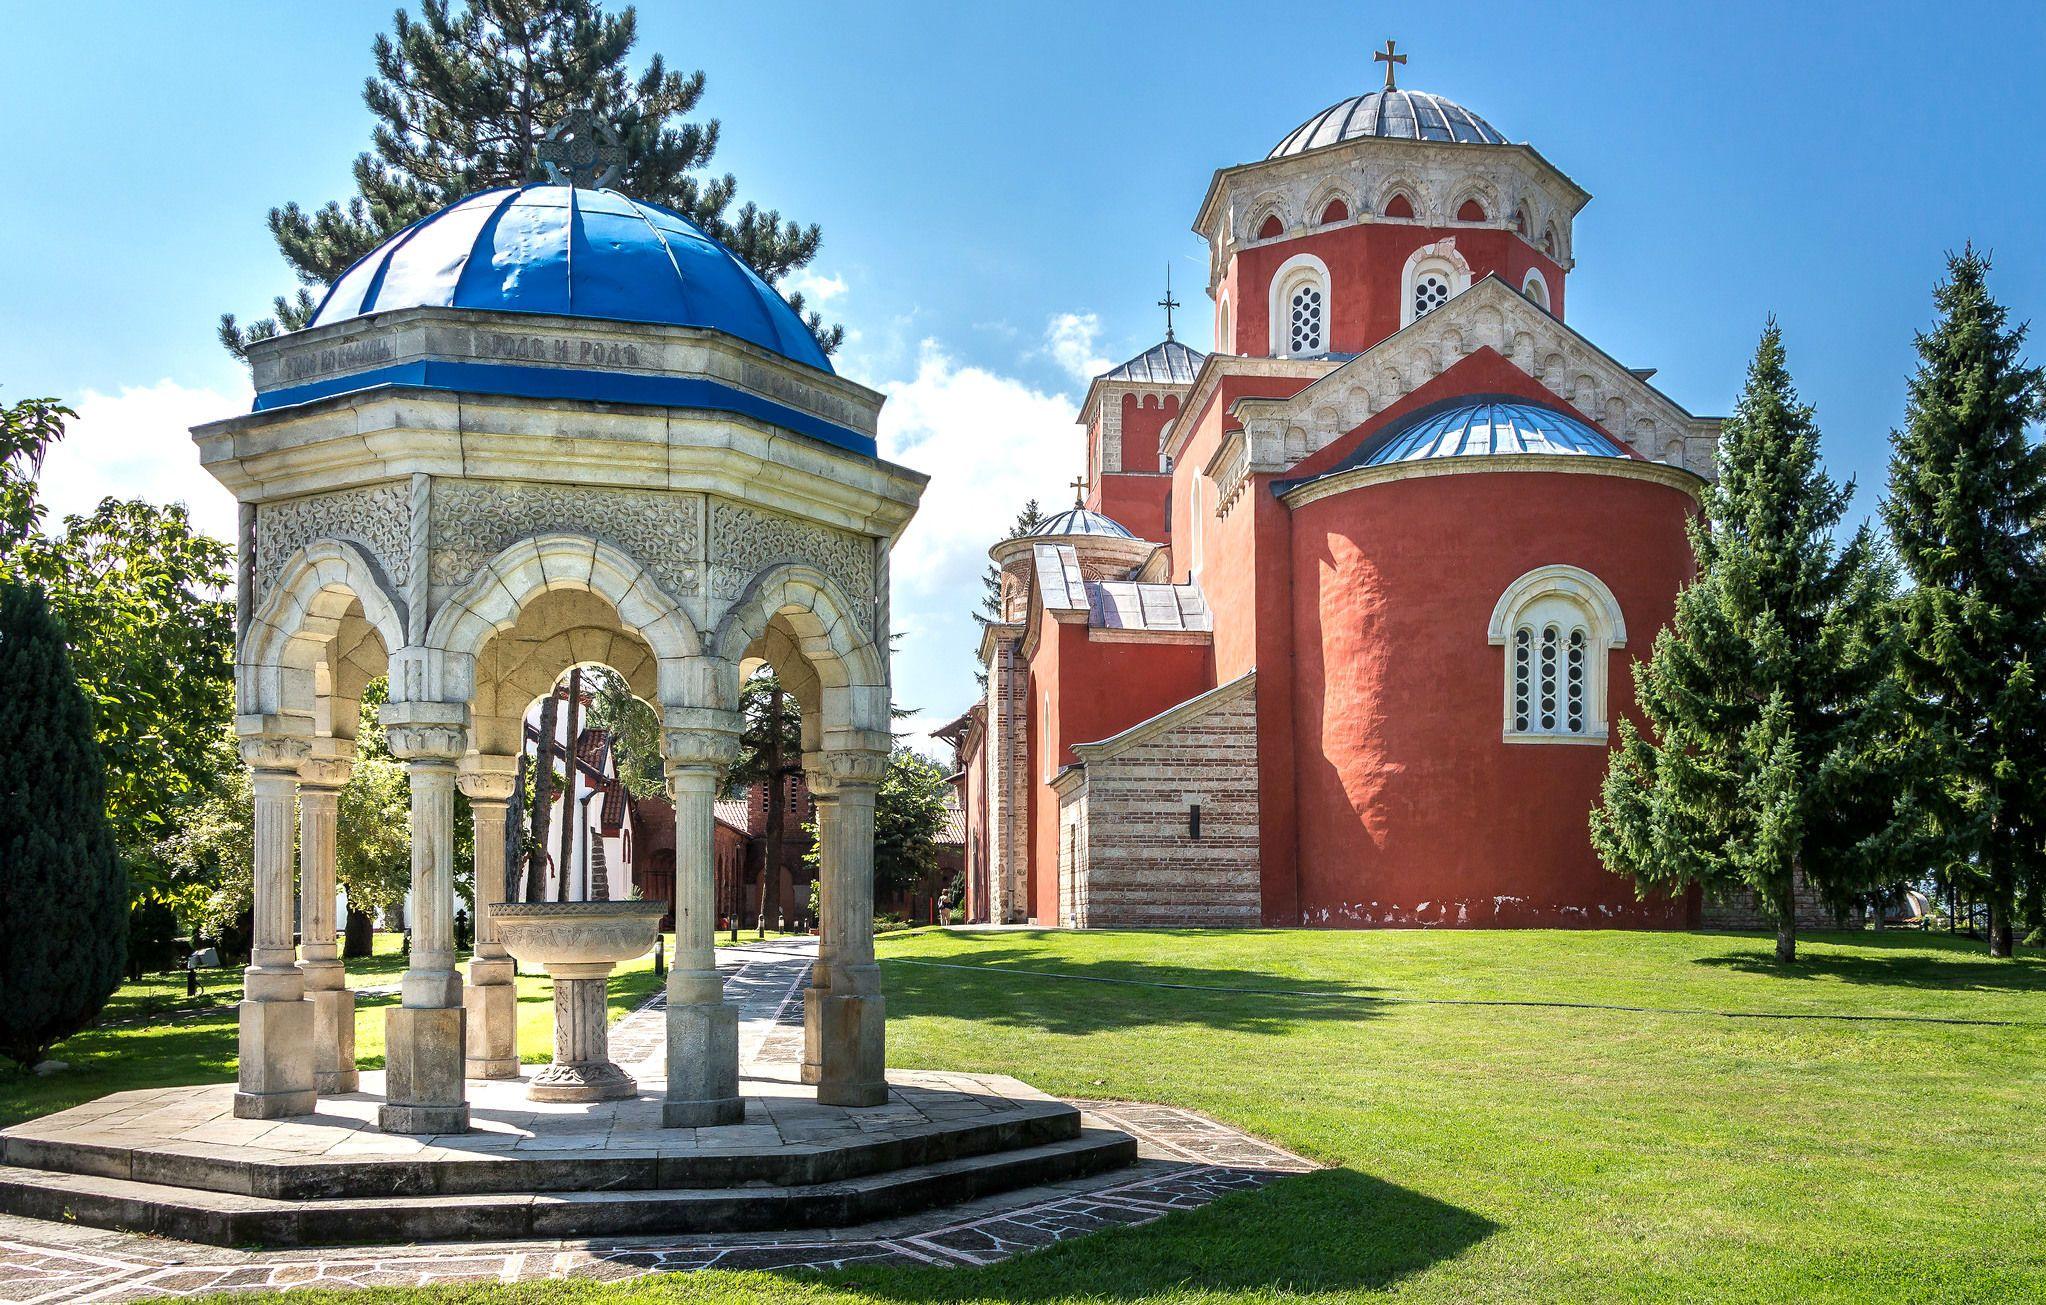 Сербія, місто Врнячка Баня, церква та джерело